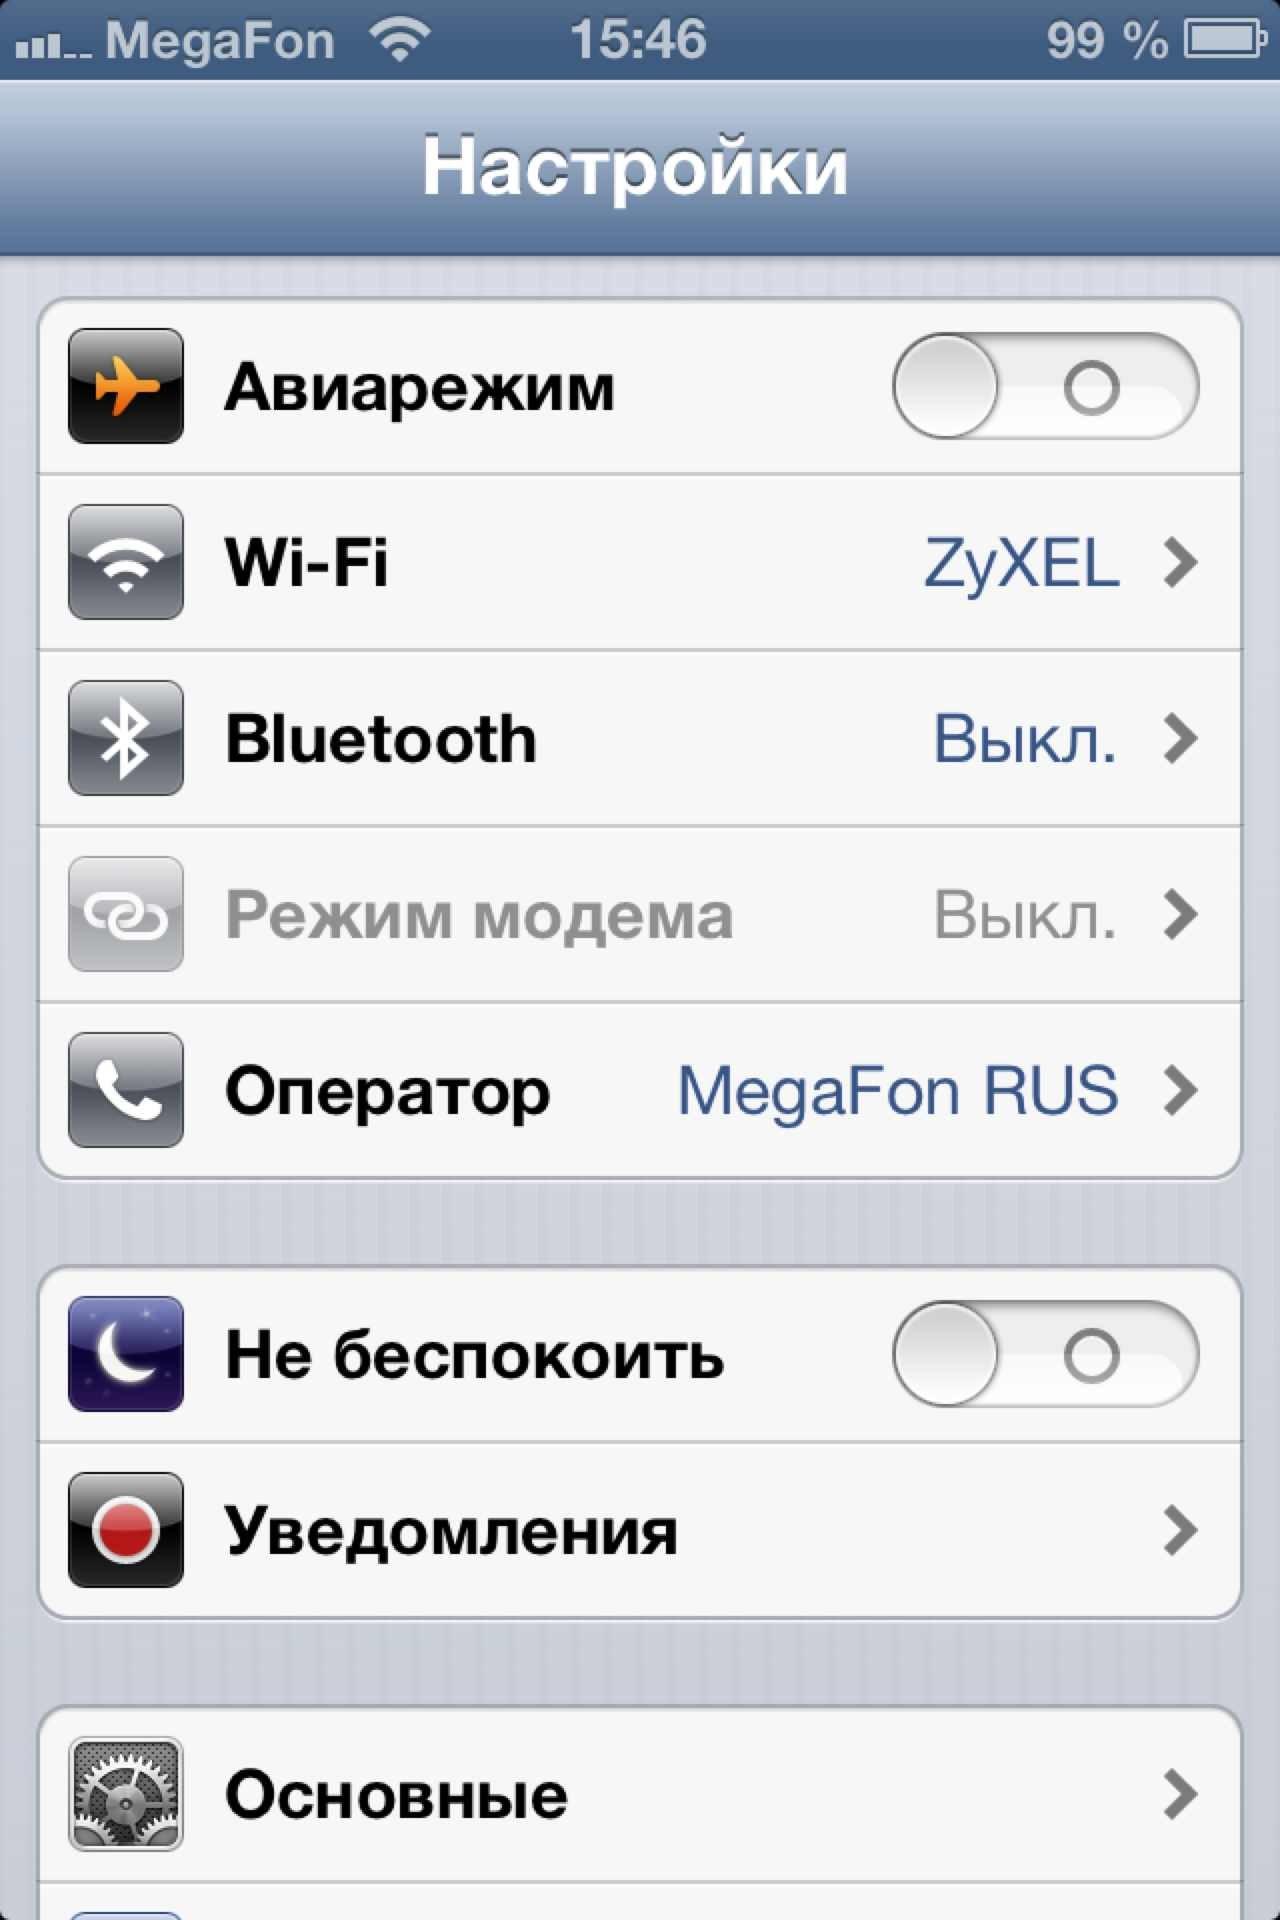 Как сделать чтобы ап сторе был на русском